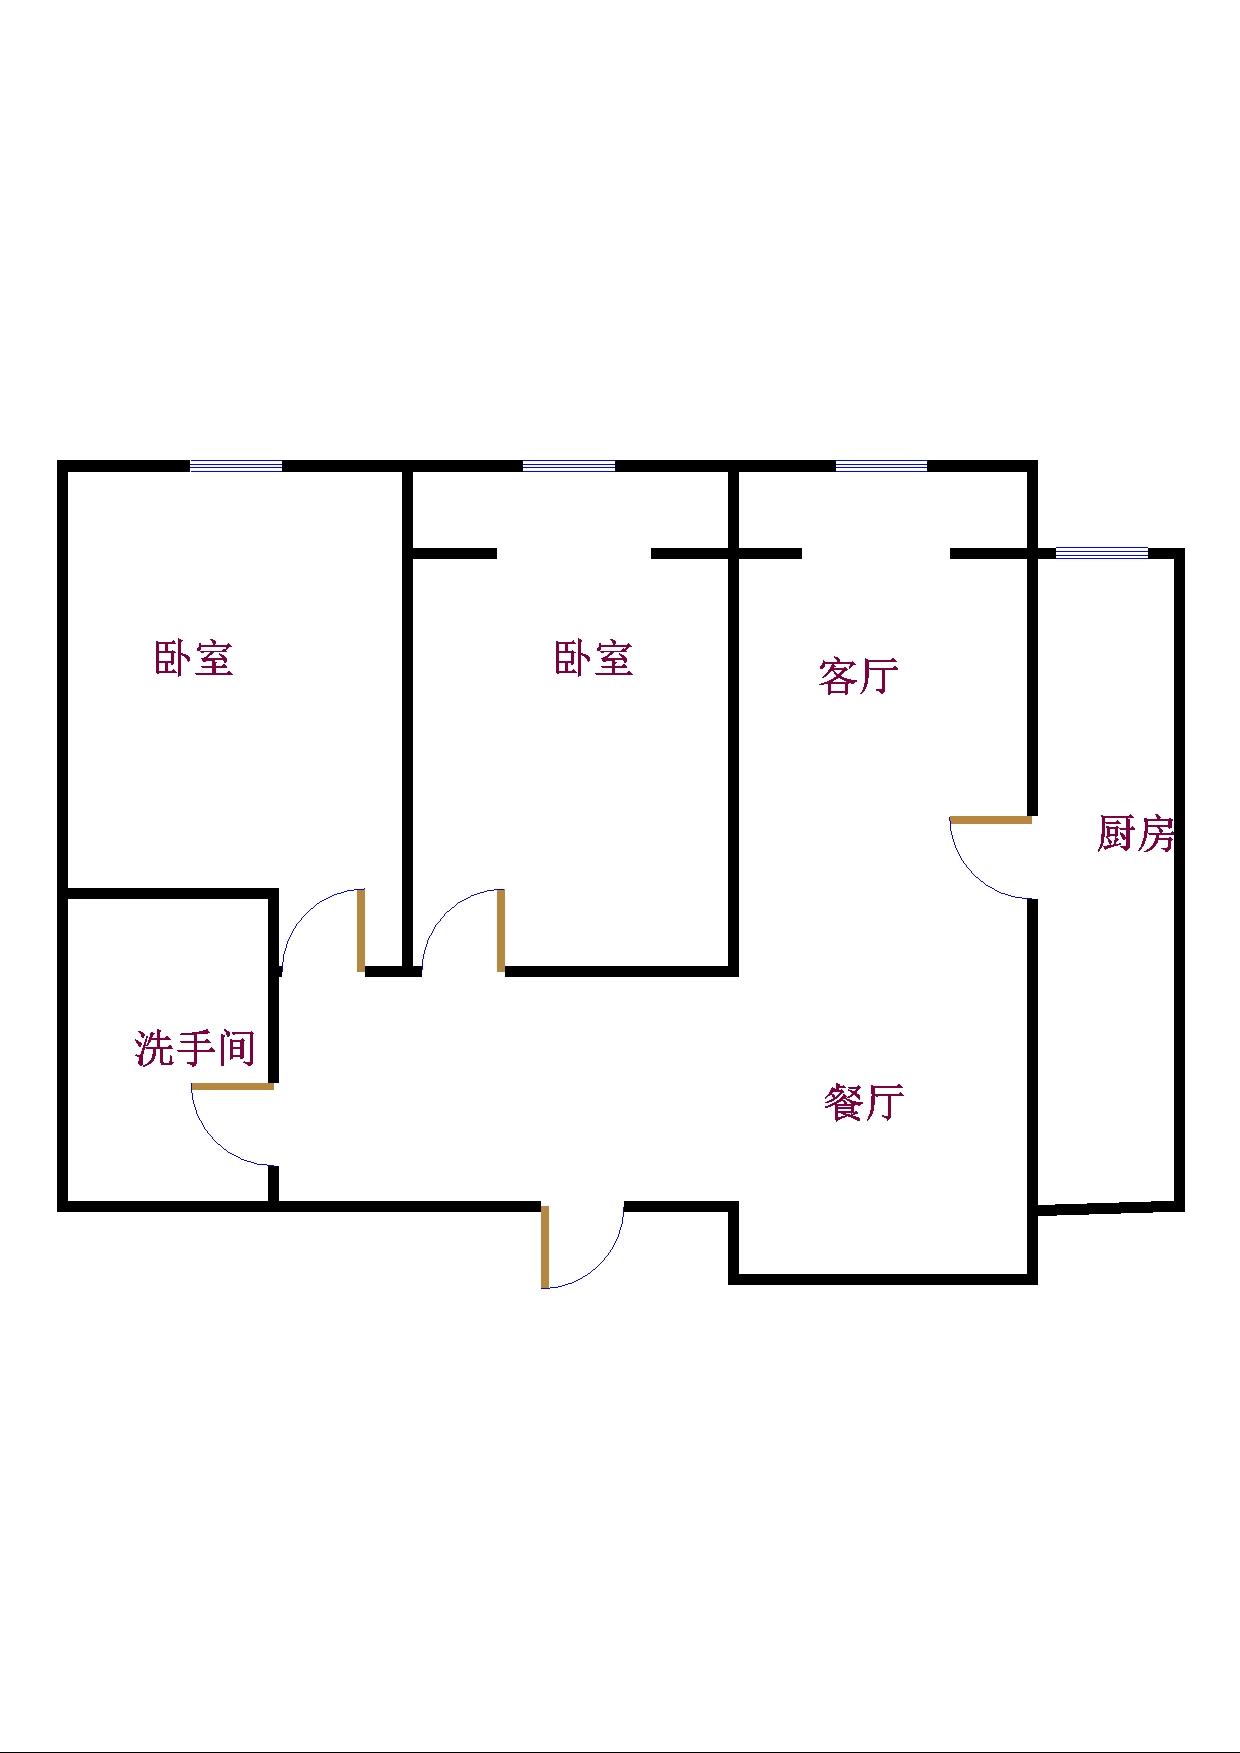 东海香港城 2室2厅 6楼